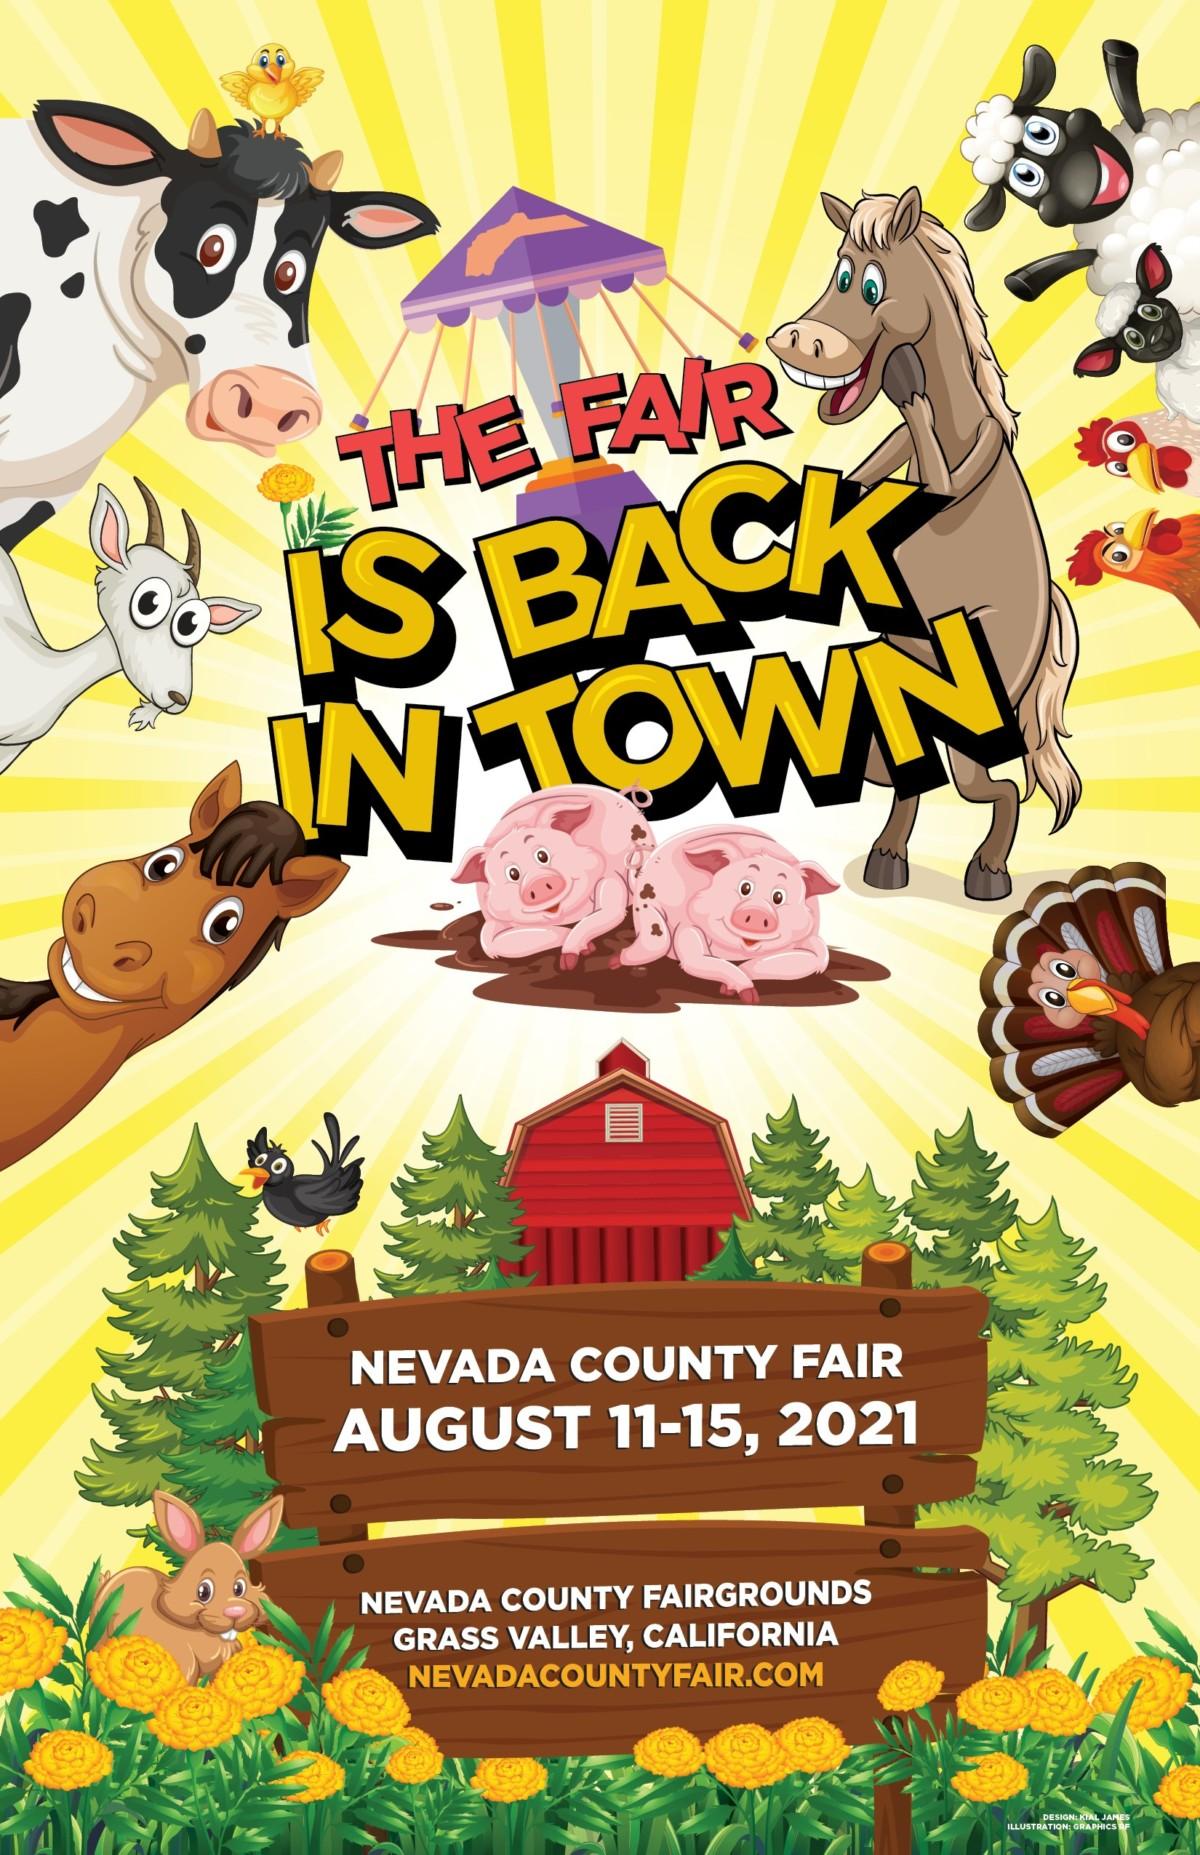 Nevada County Fair, August 11-15, 2021